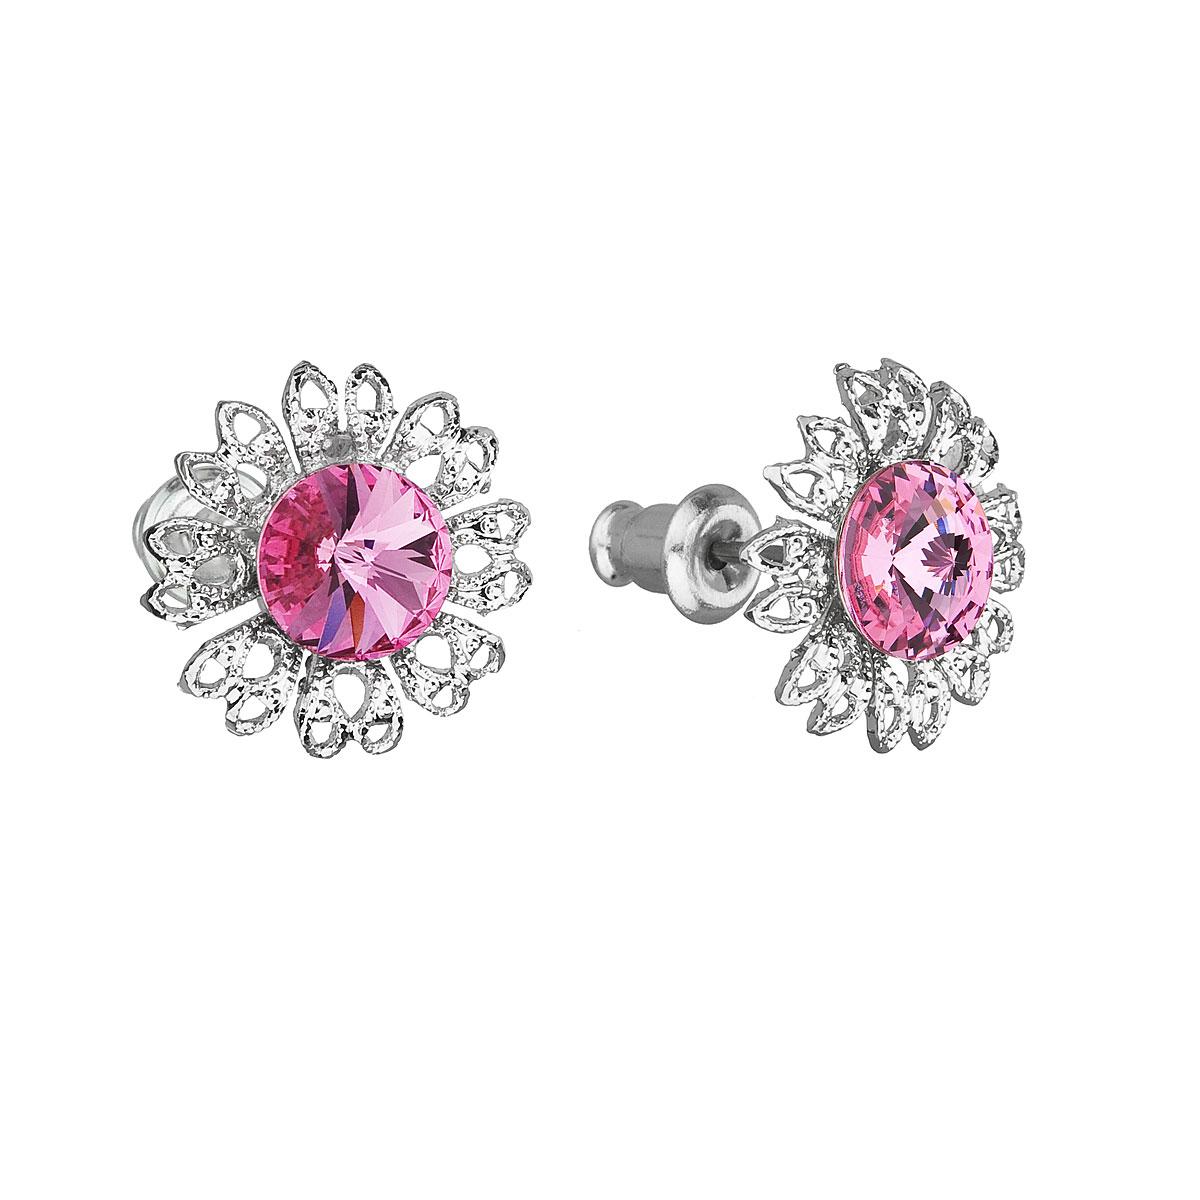 Náušnice bižutéria so Swarovski krištáľmi ružový kvietok 51042.3 rose